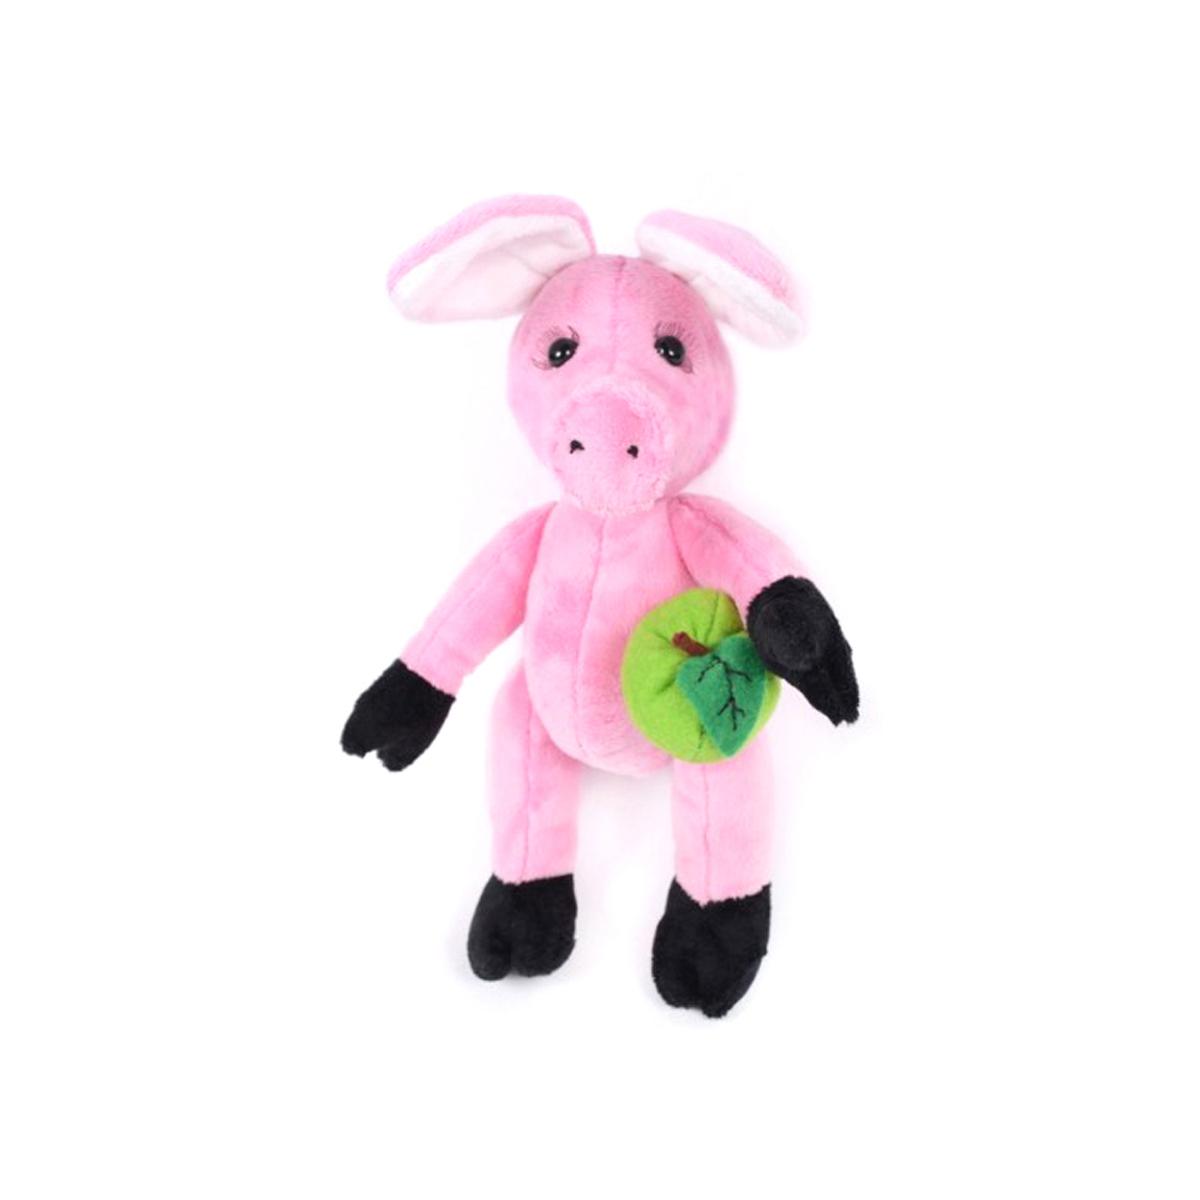 Набор для шитья игрушек Мехомания Розовая свинка, 25 см. ММ-010484785Набор Мехомания содержит необходимые материалы для изготовления игрушки из меха: - материалы для шитья: мех, подвижные крепления, глазки, ресницы, шерсть для вышивки носа. Ткань, подвеска или кружево для аксессуара. - выкройка и раскладка. - подробный мастер-класс с пошаговой инструкцией по шитью игрушки. - выкройка и мастер-класс для аксессуаров. Дополнительно потребуется: наполнитель, нитки, иголка.